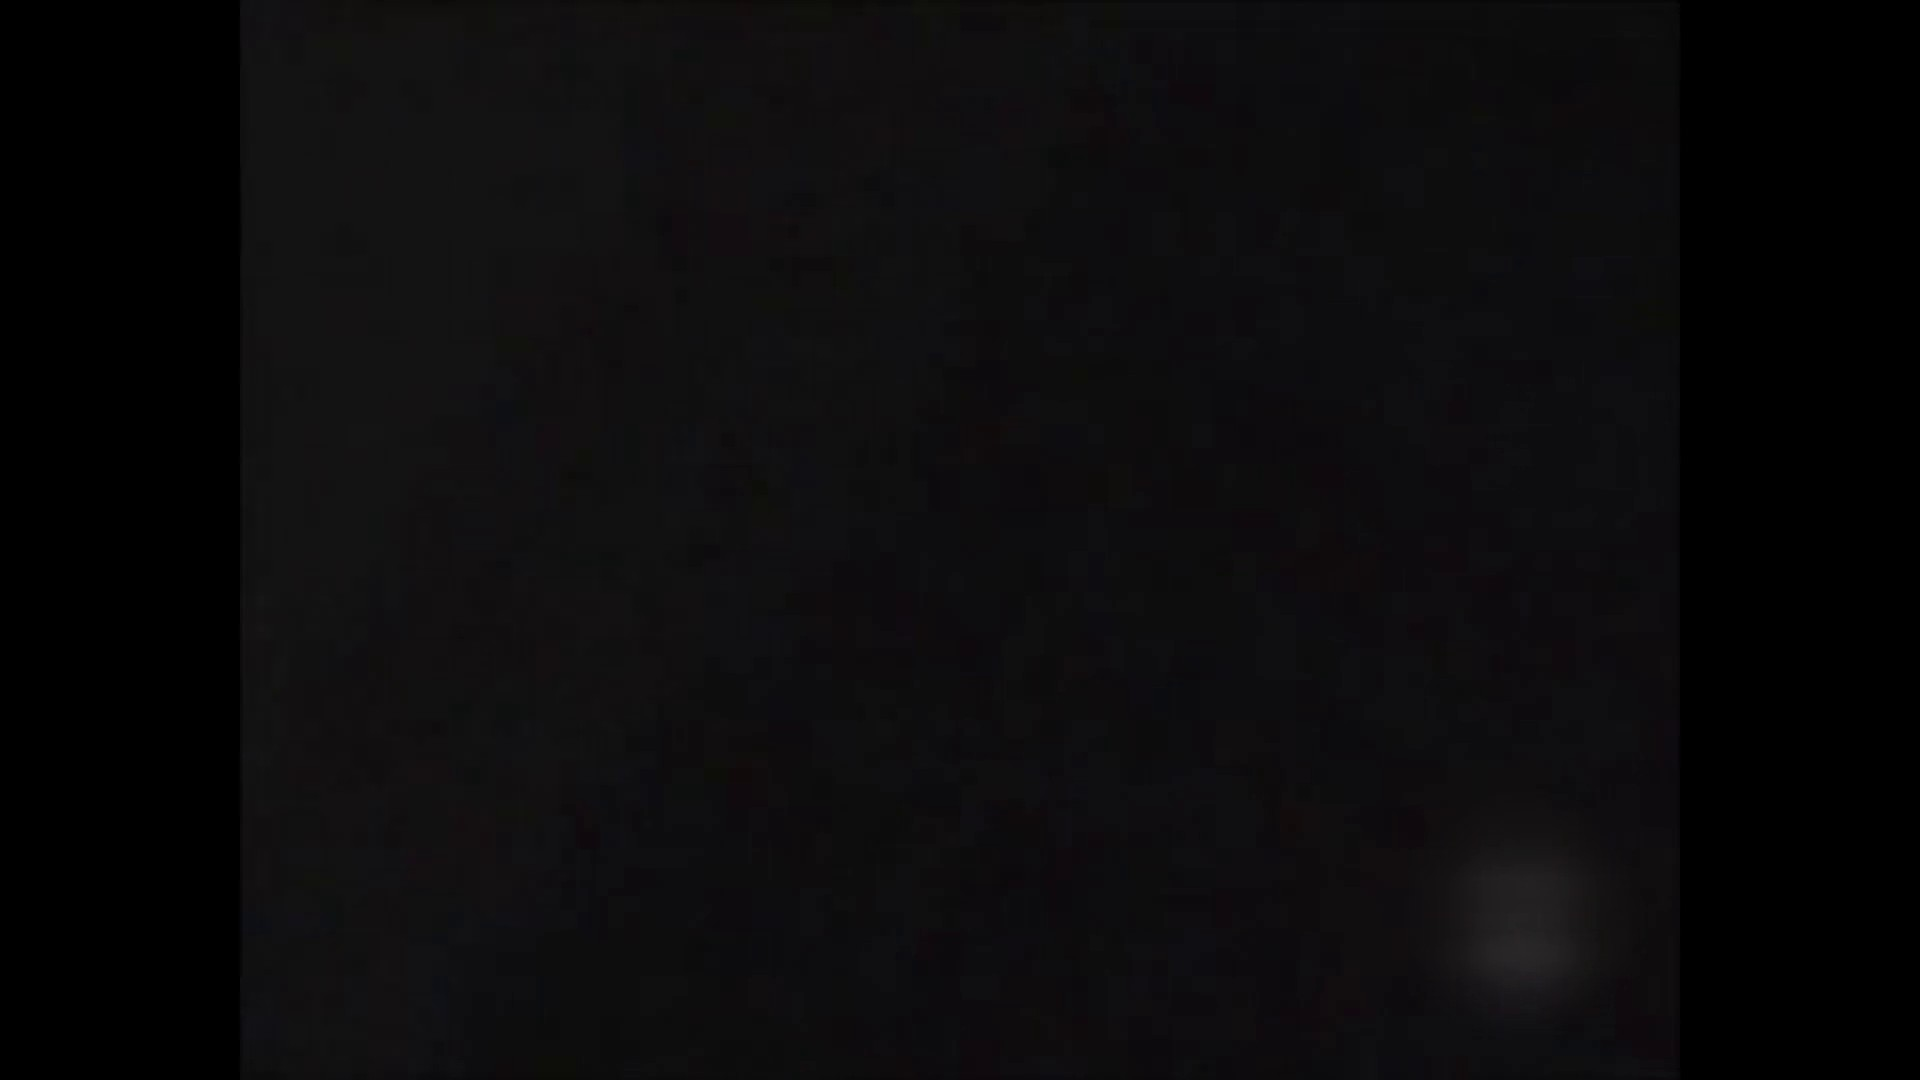 無修正エロ動画|闇の性獣 レ●プ闇の事件簿|怪盗ジョーカー